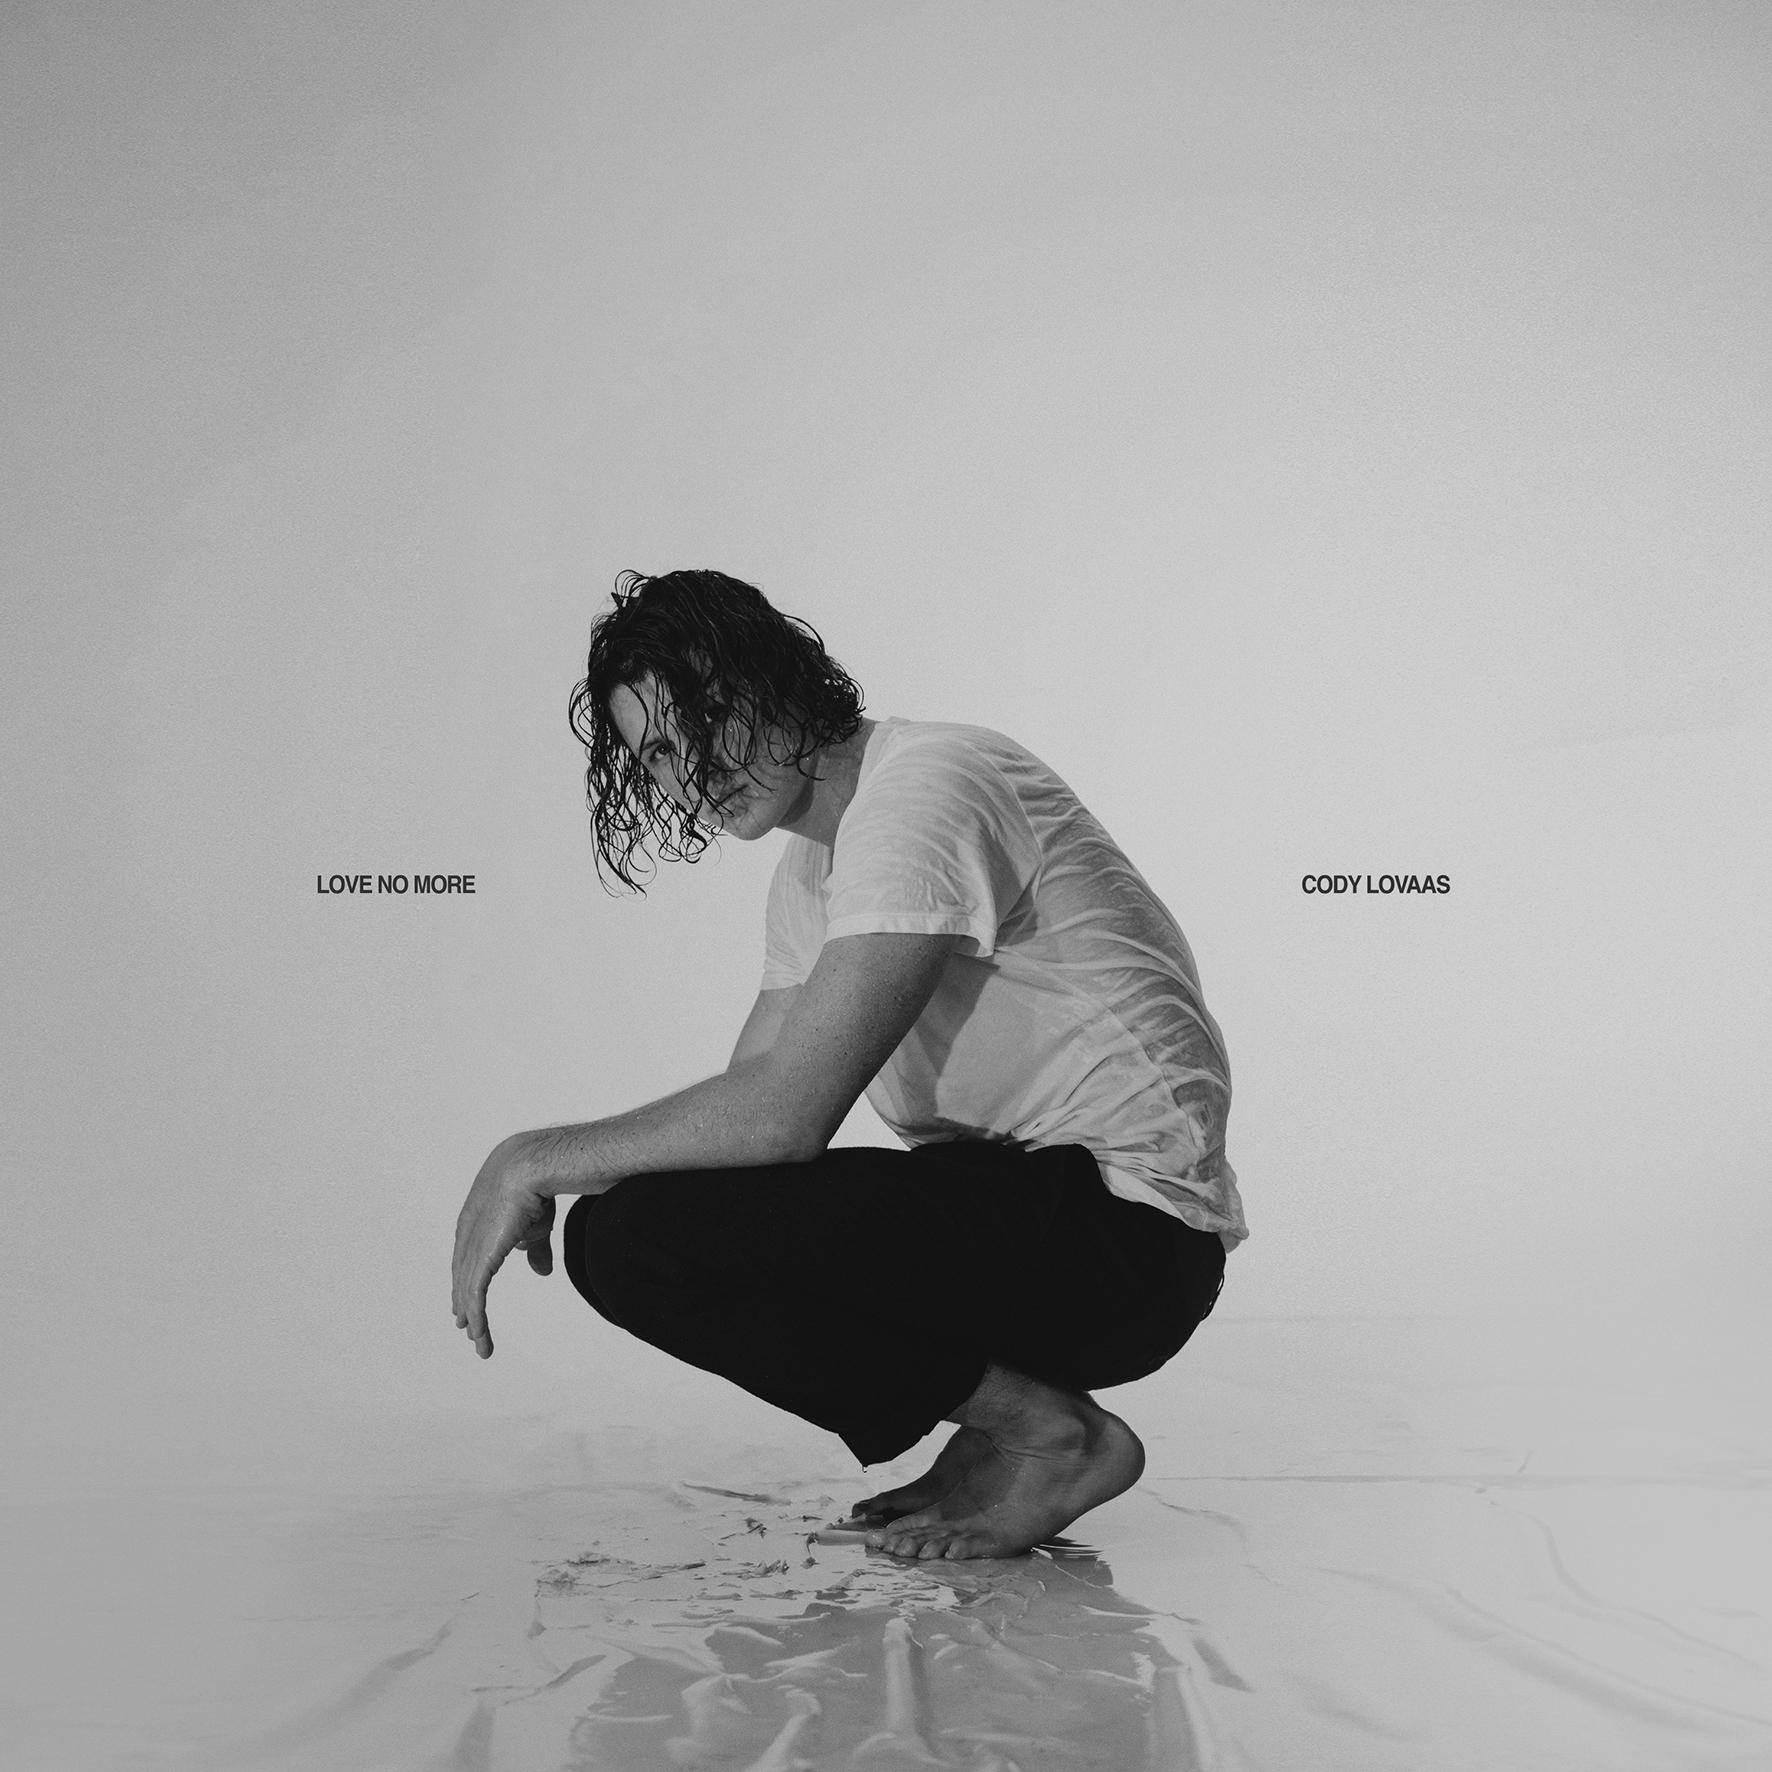 Jason Mrazにより見出された若きシンガーソングライター、Cody Lovaasが待望の日本デビュー!